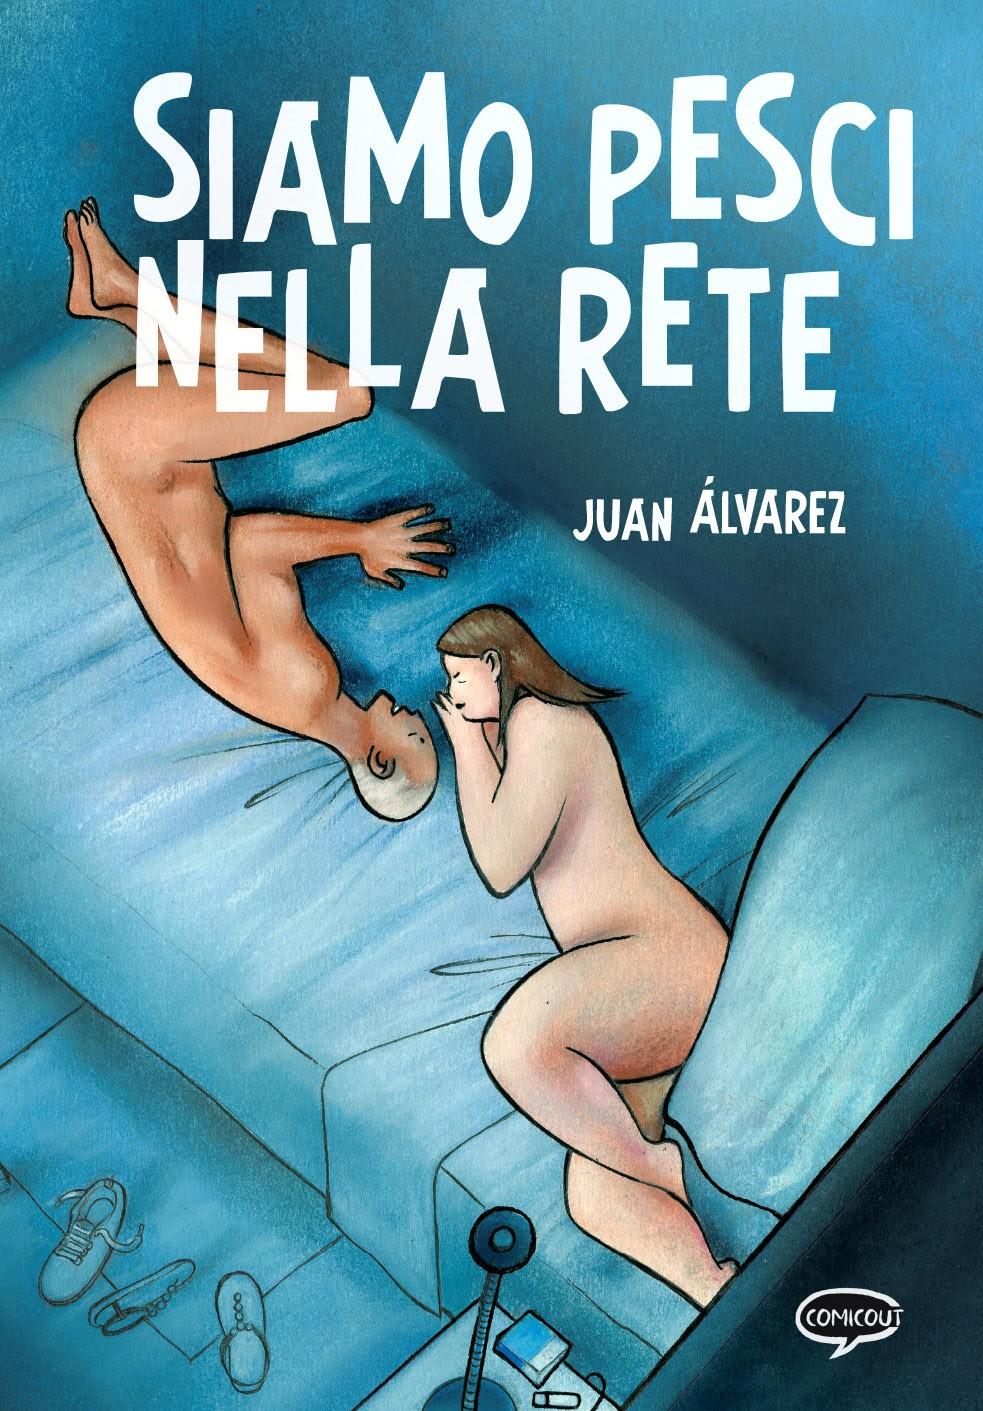 """ComicOut pubblica """"Siamo pesci nella rete"""" il graphic novel di Juan Álvarez"""